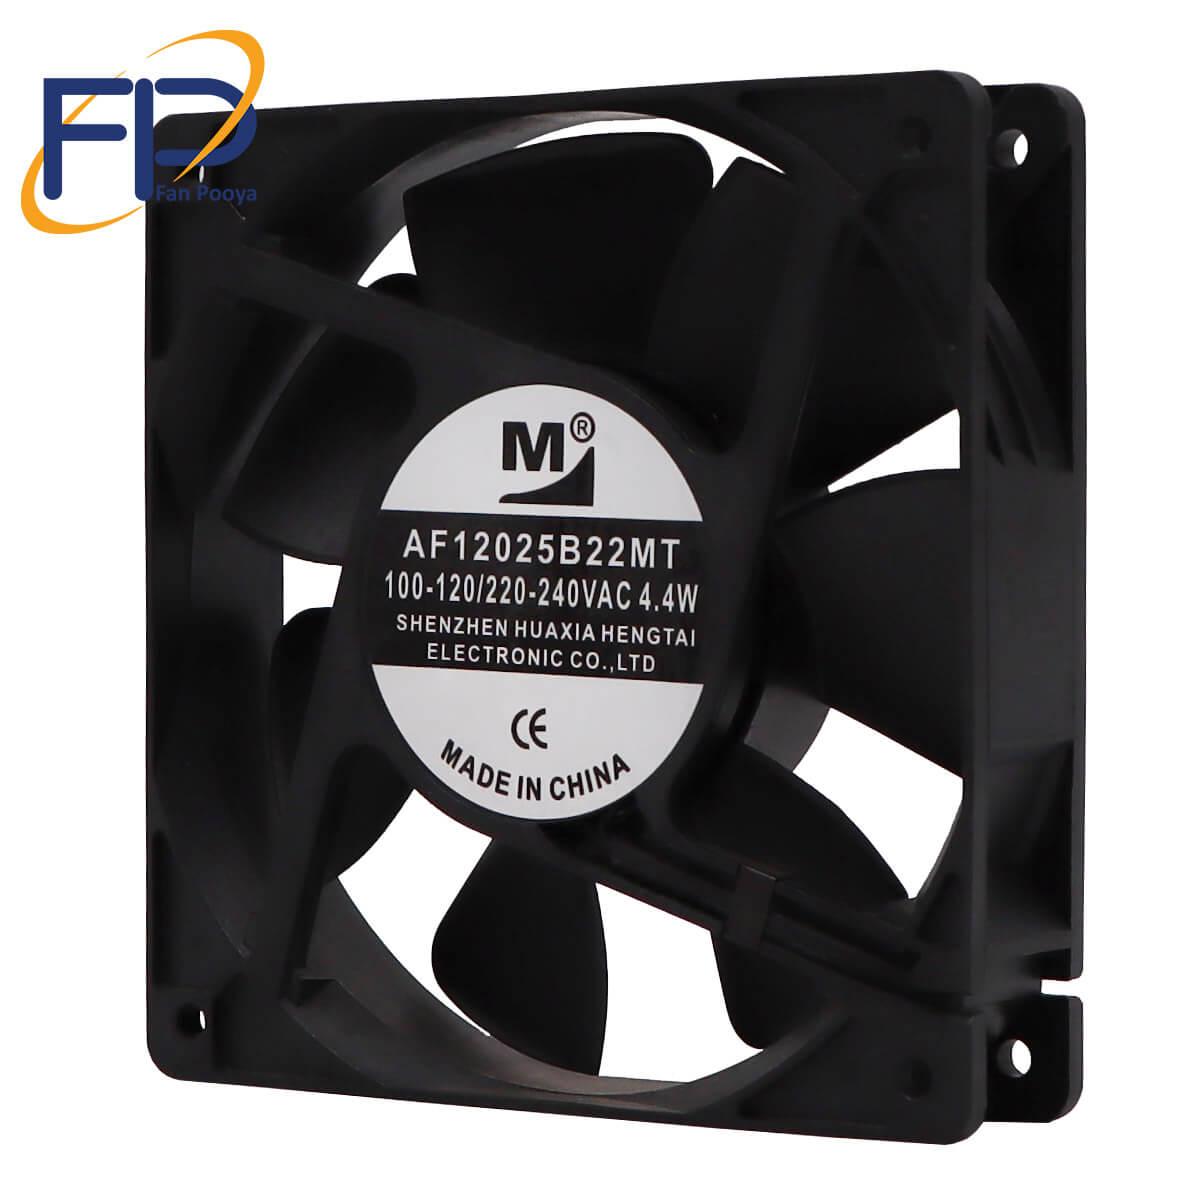 فن کامپیوتری12*12مدل AF12025B22MT